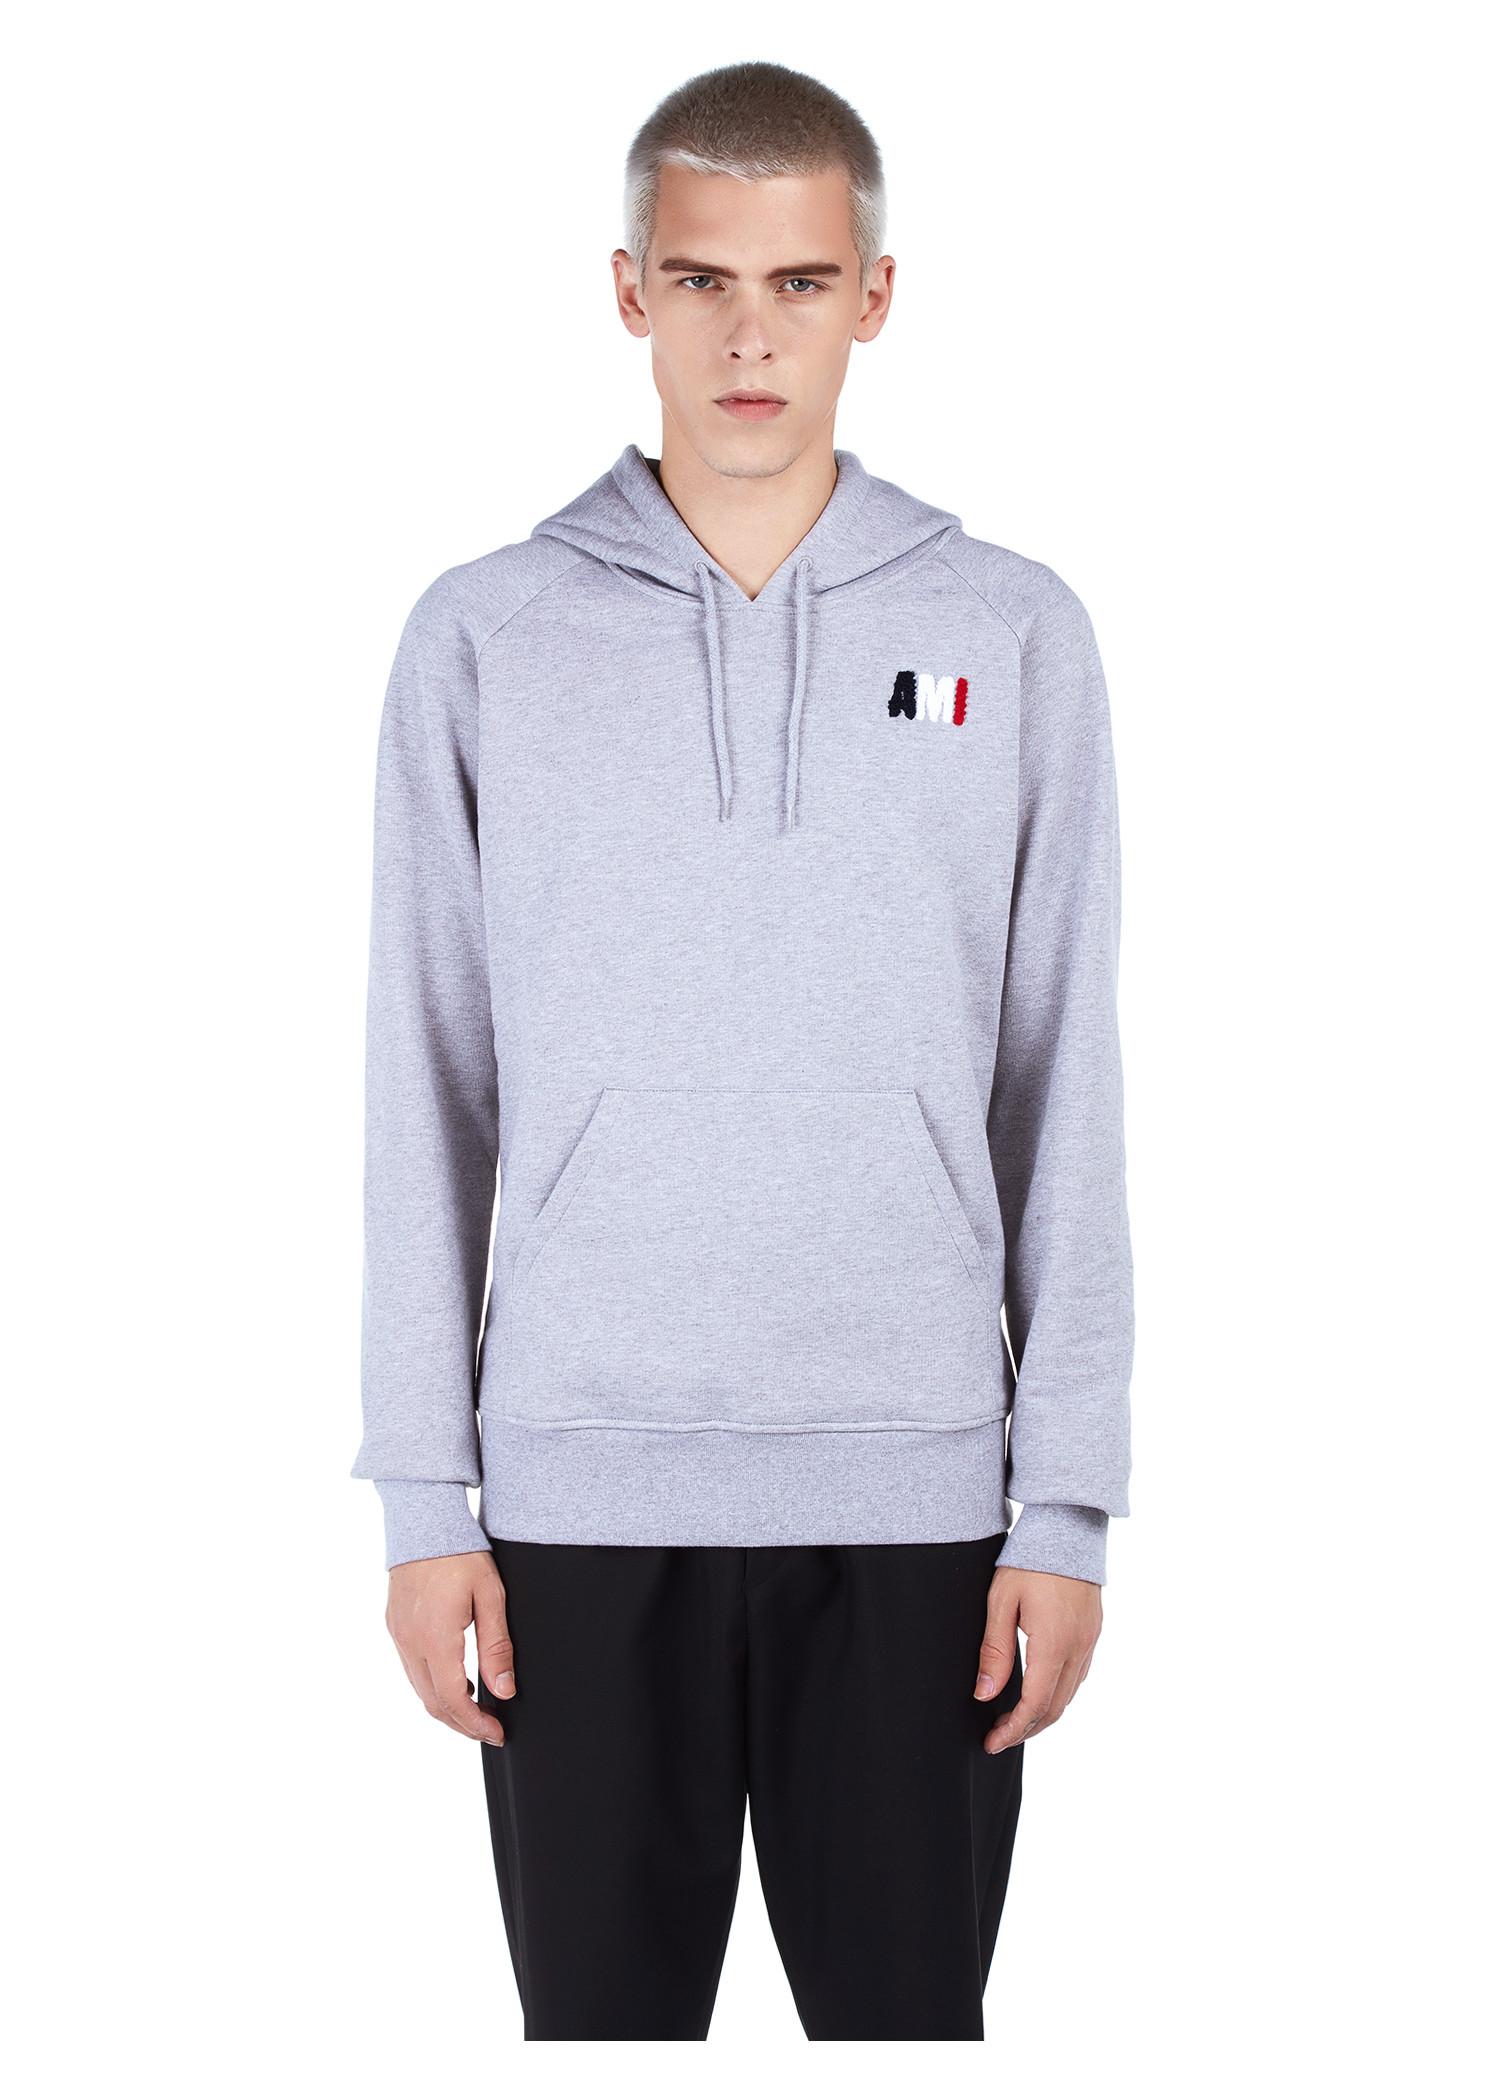 Ami Alexandre Mattiussi Ami Crewneck Sweatshirt In Heather Grey